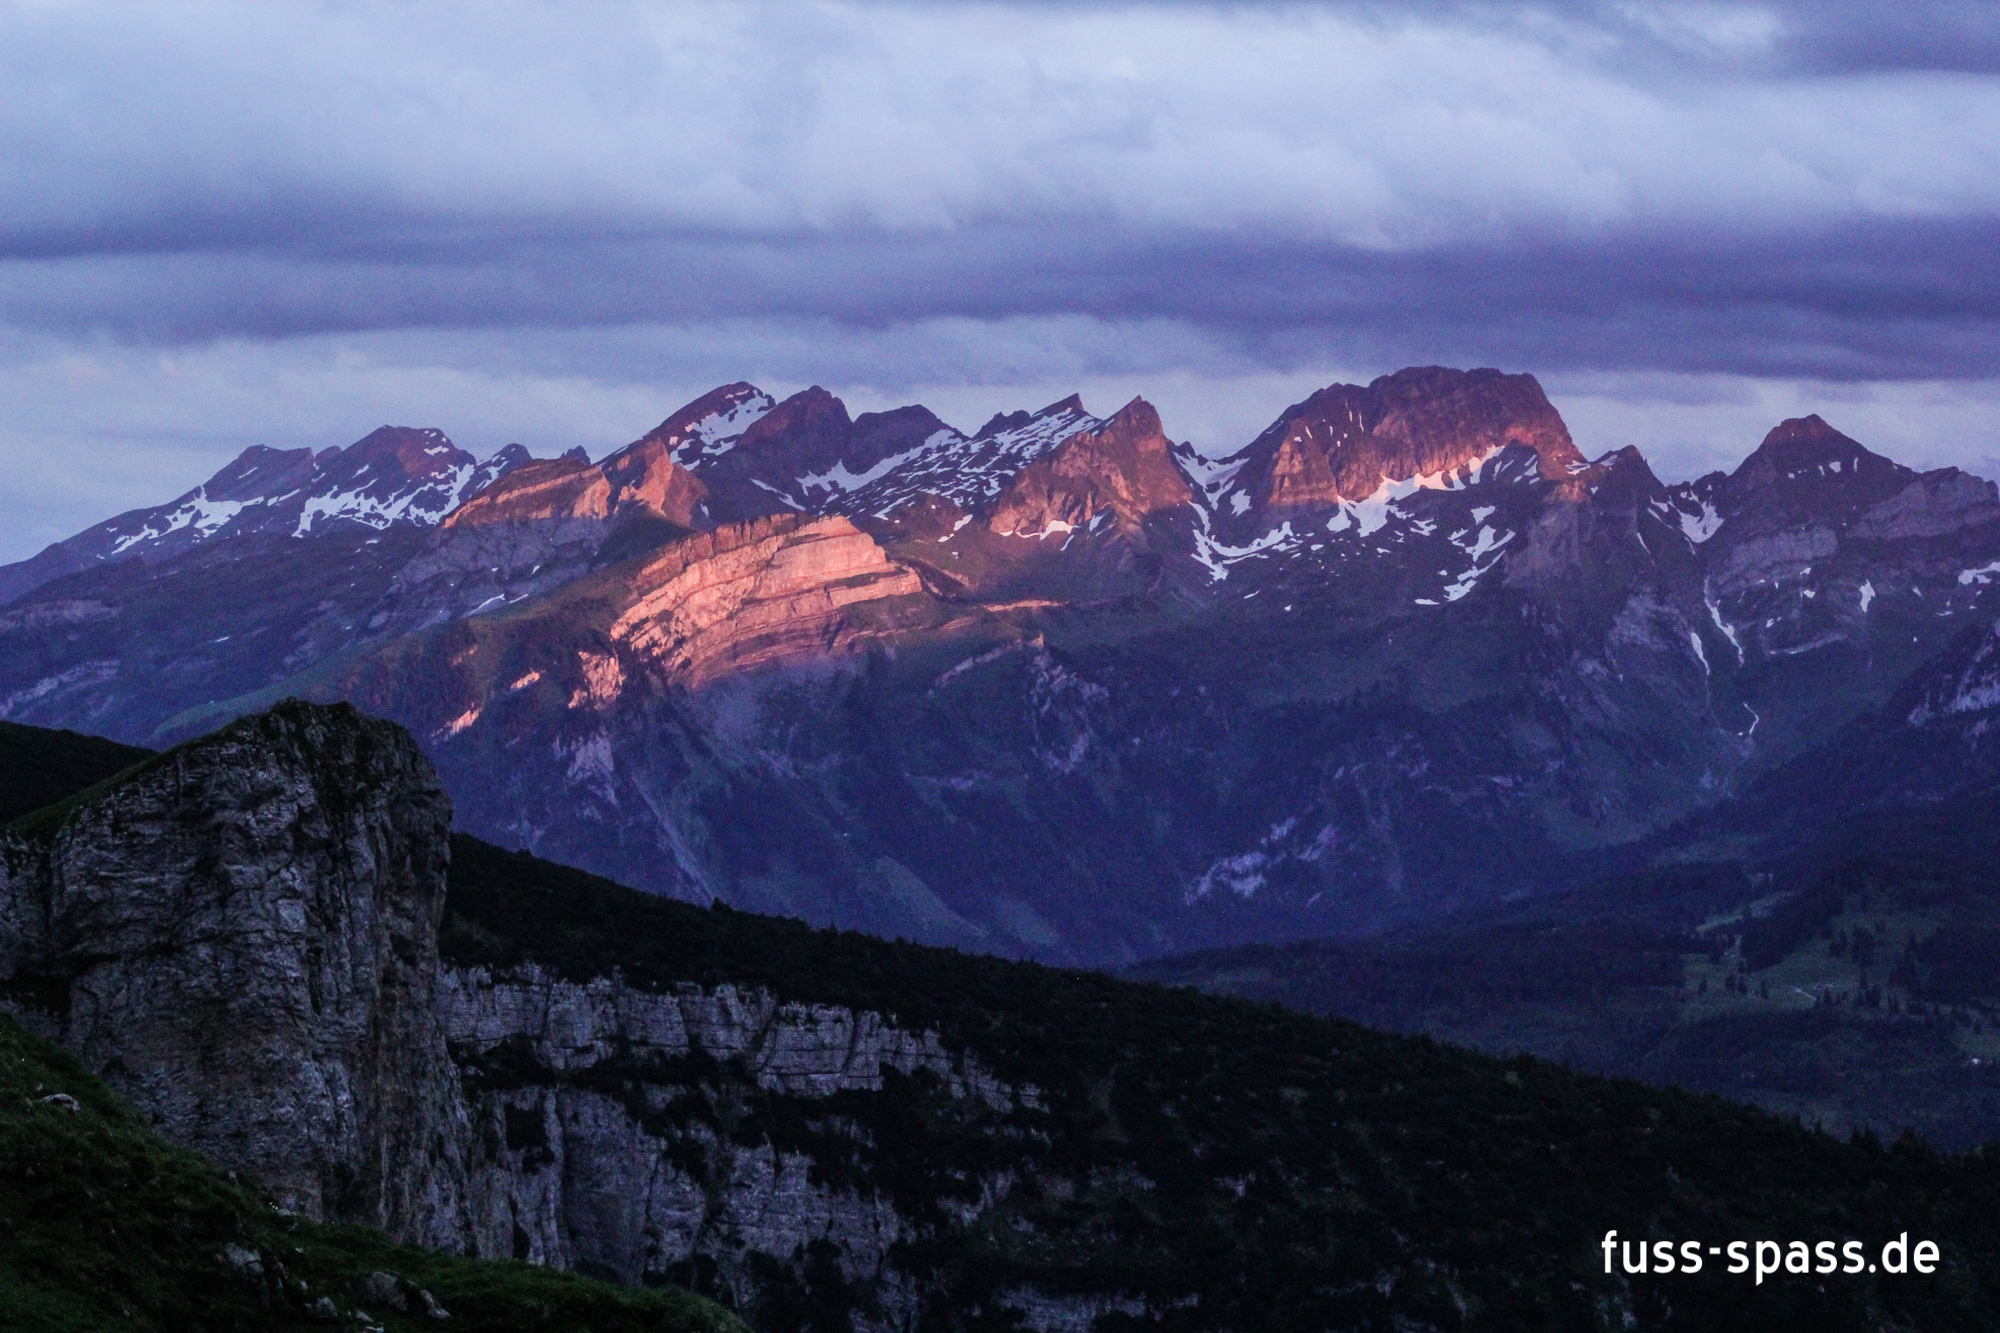 Bild der Woche: Alpenglühen